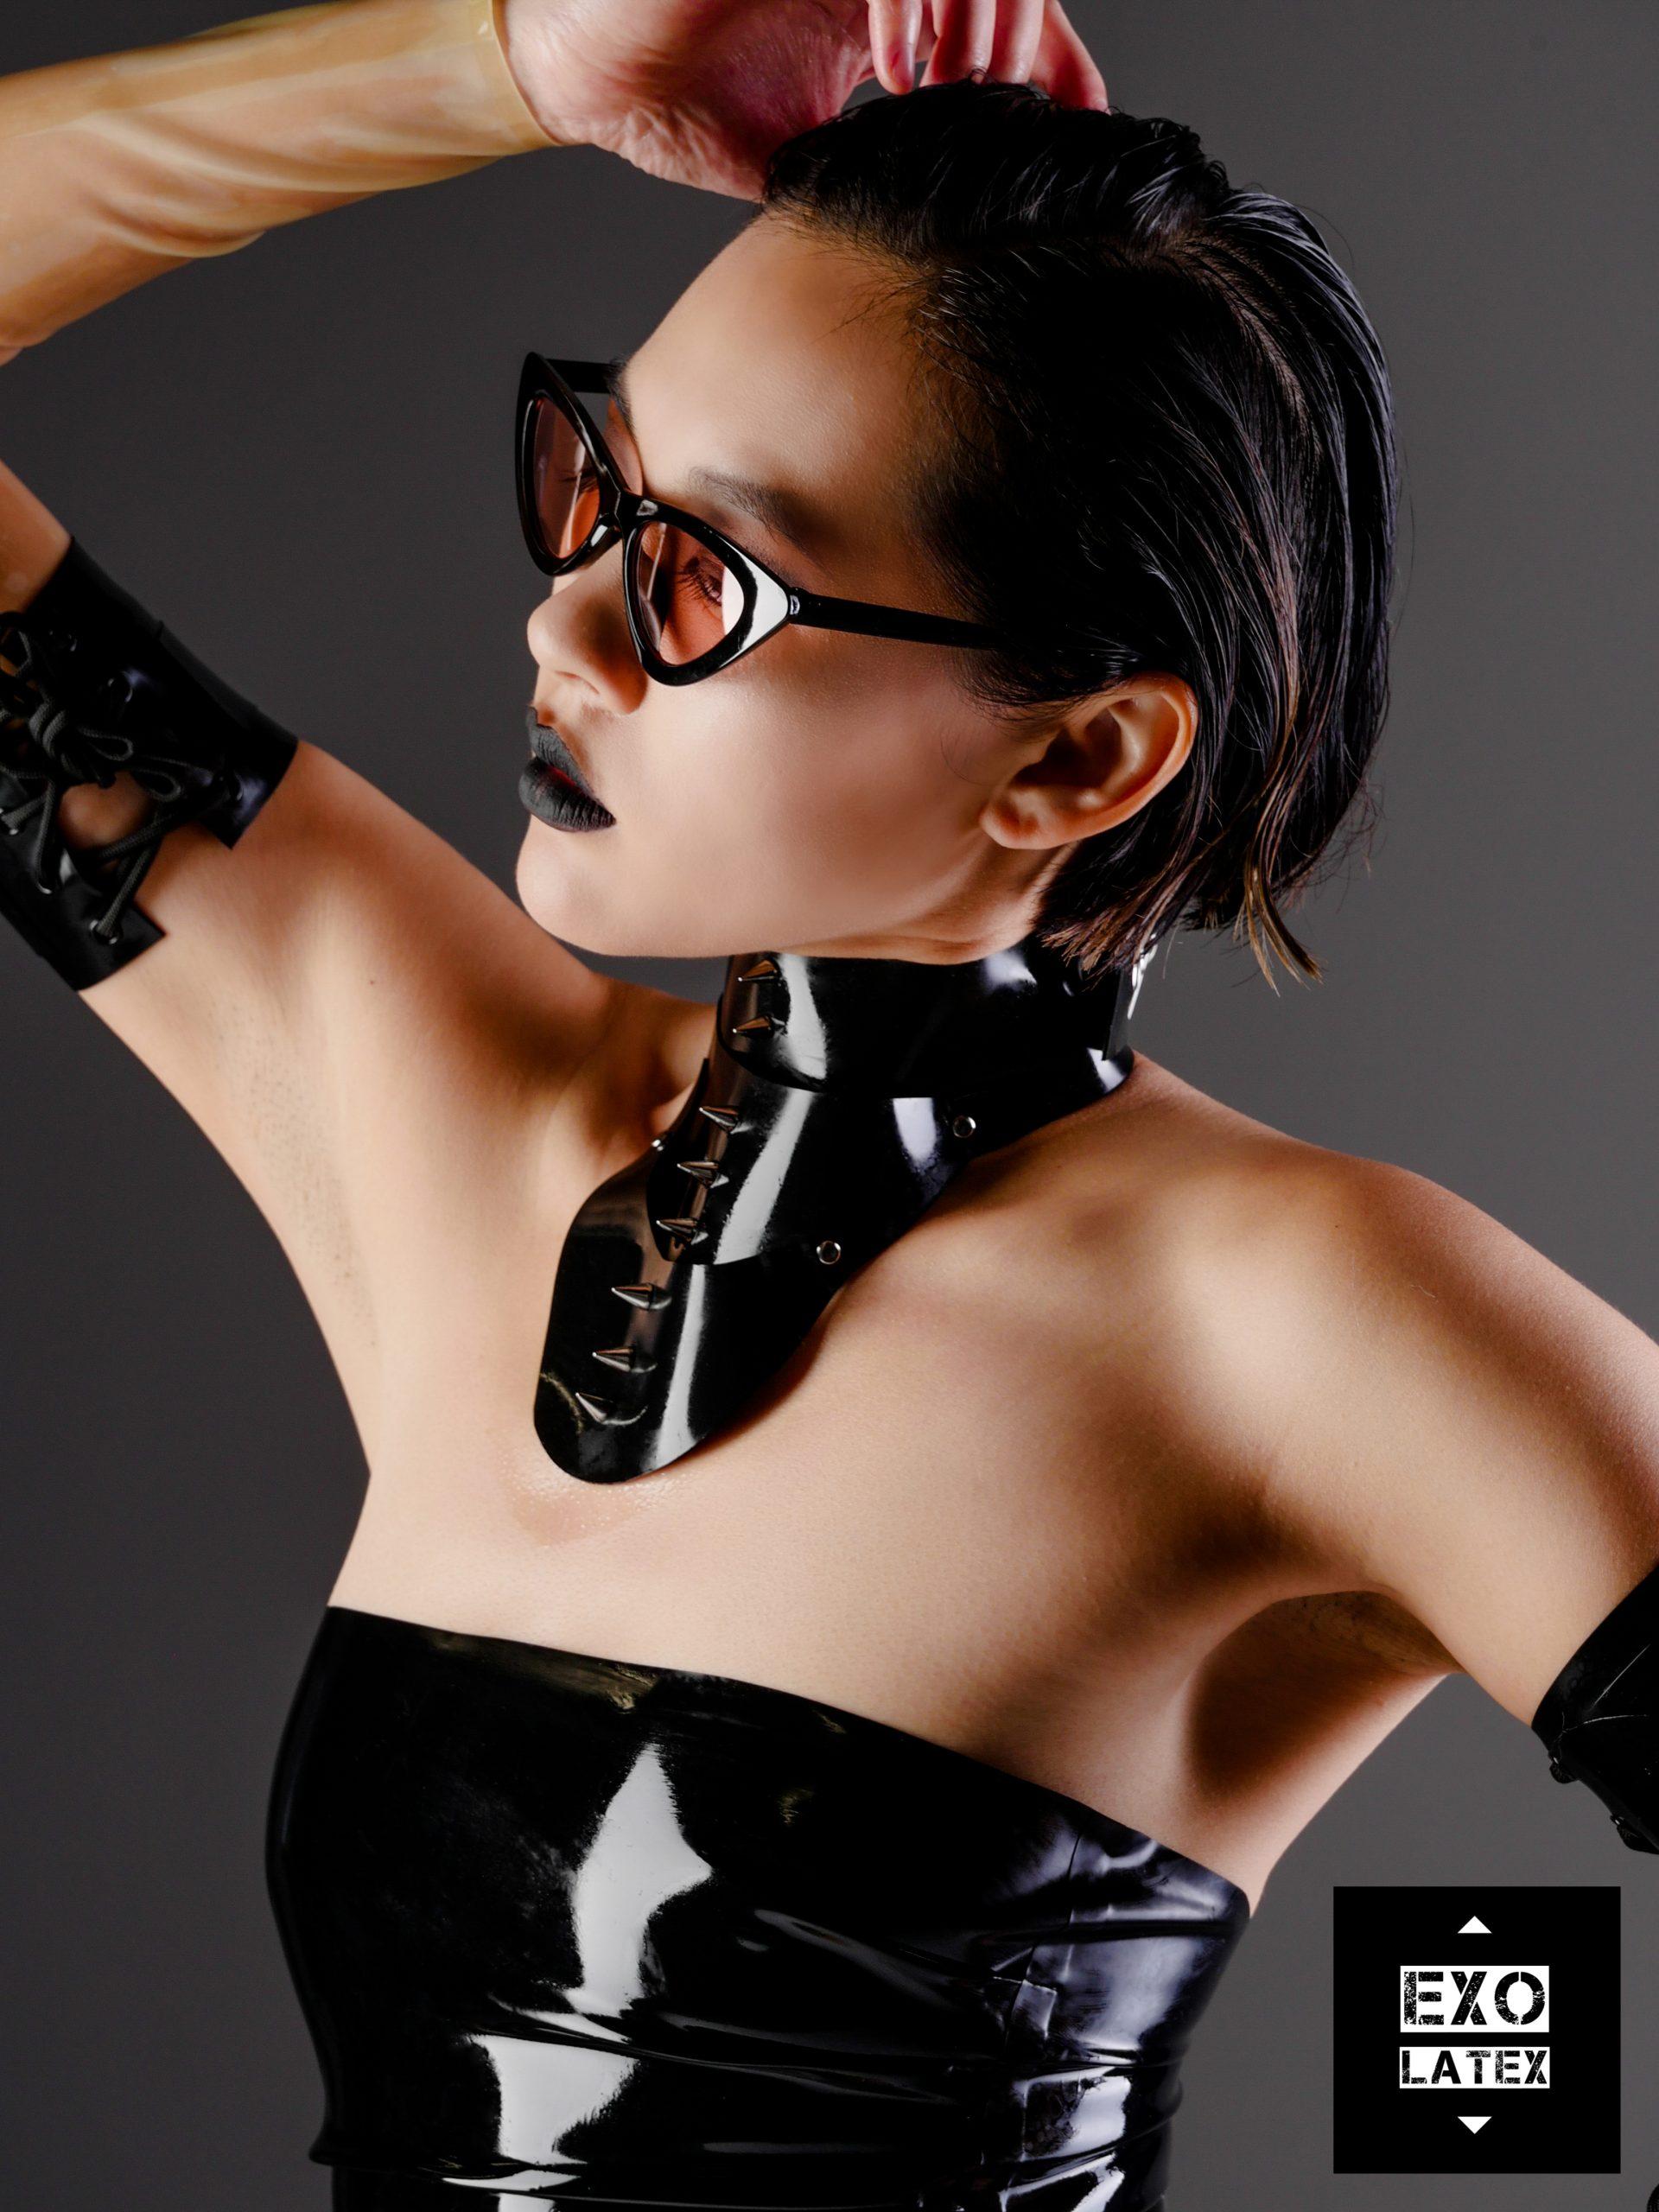 Exo Latex handmade latex rubber fashion clothing